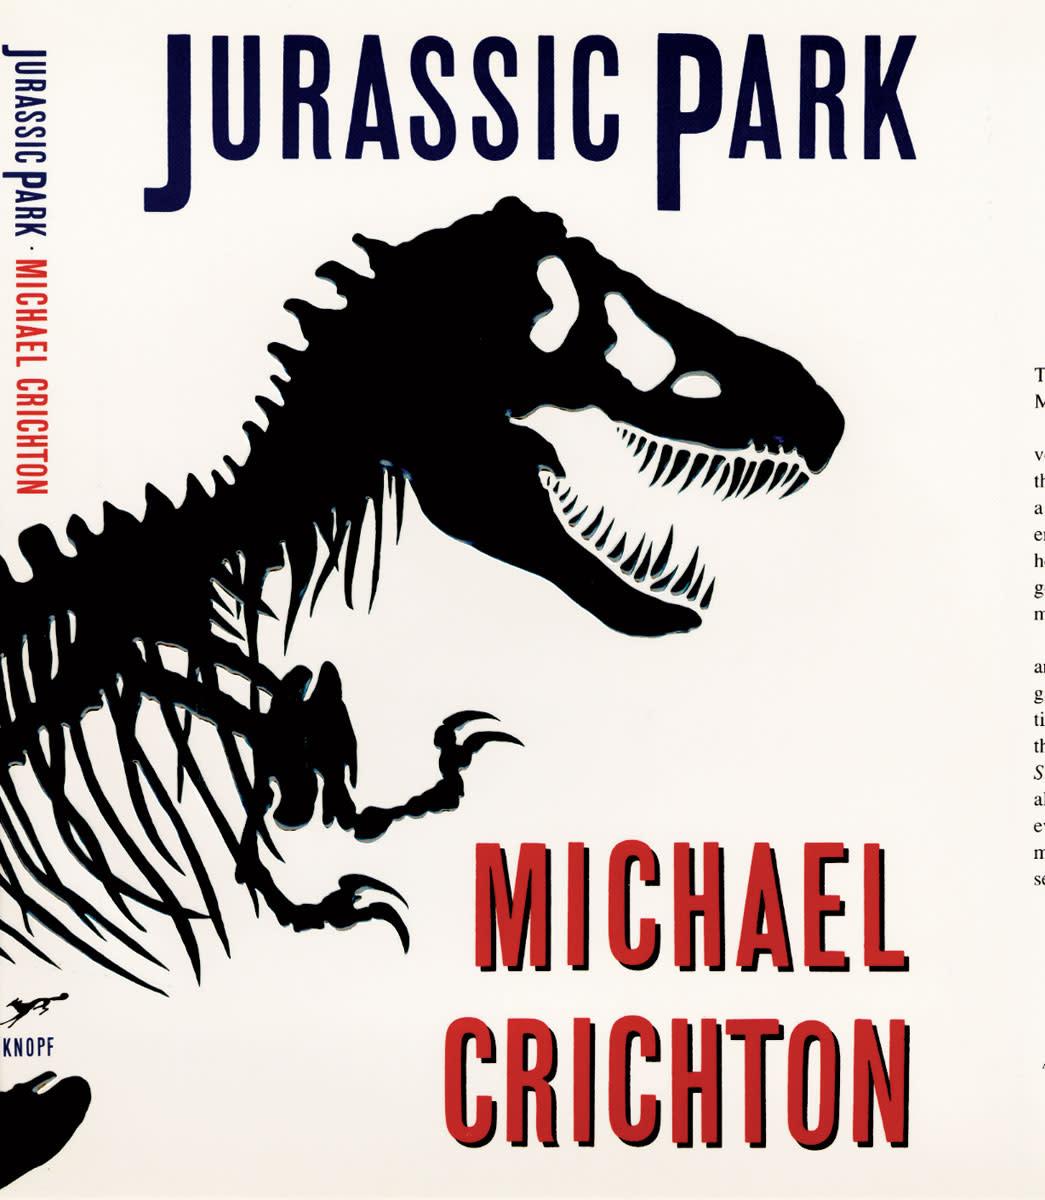 Michael Crichton's novel Jurassic Park